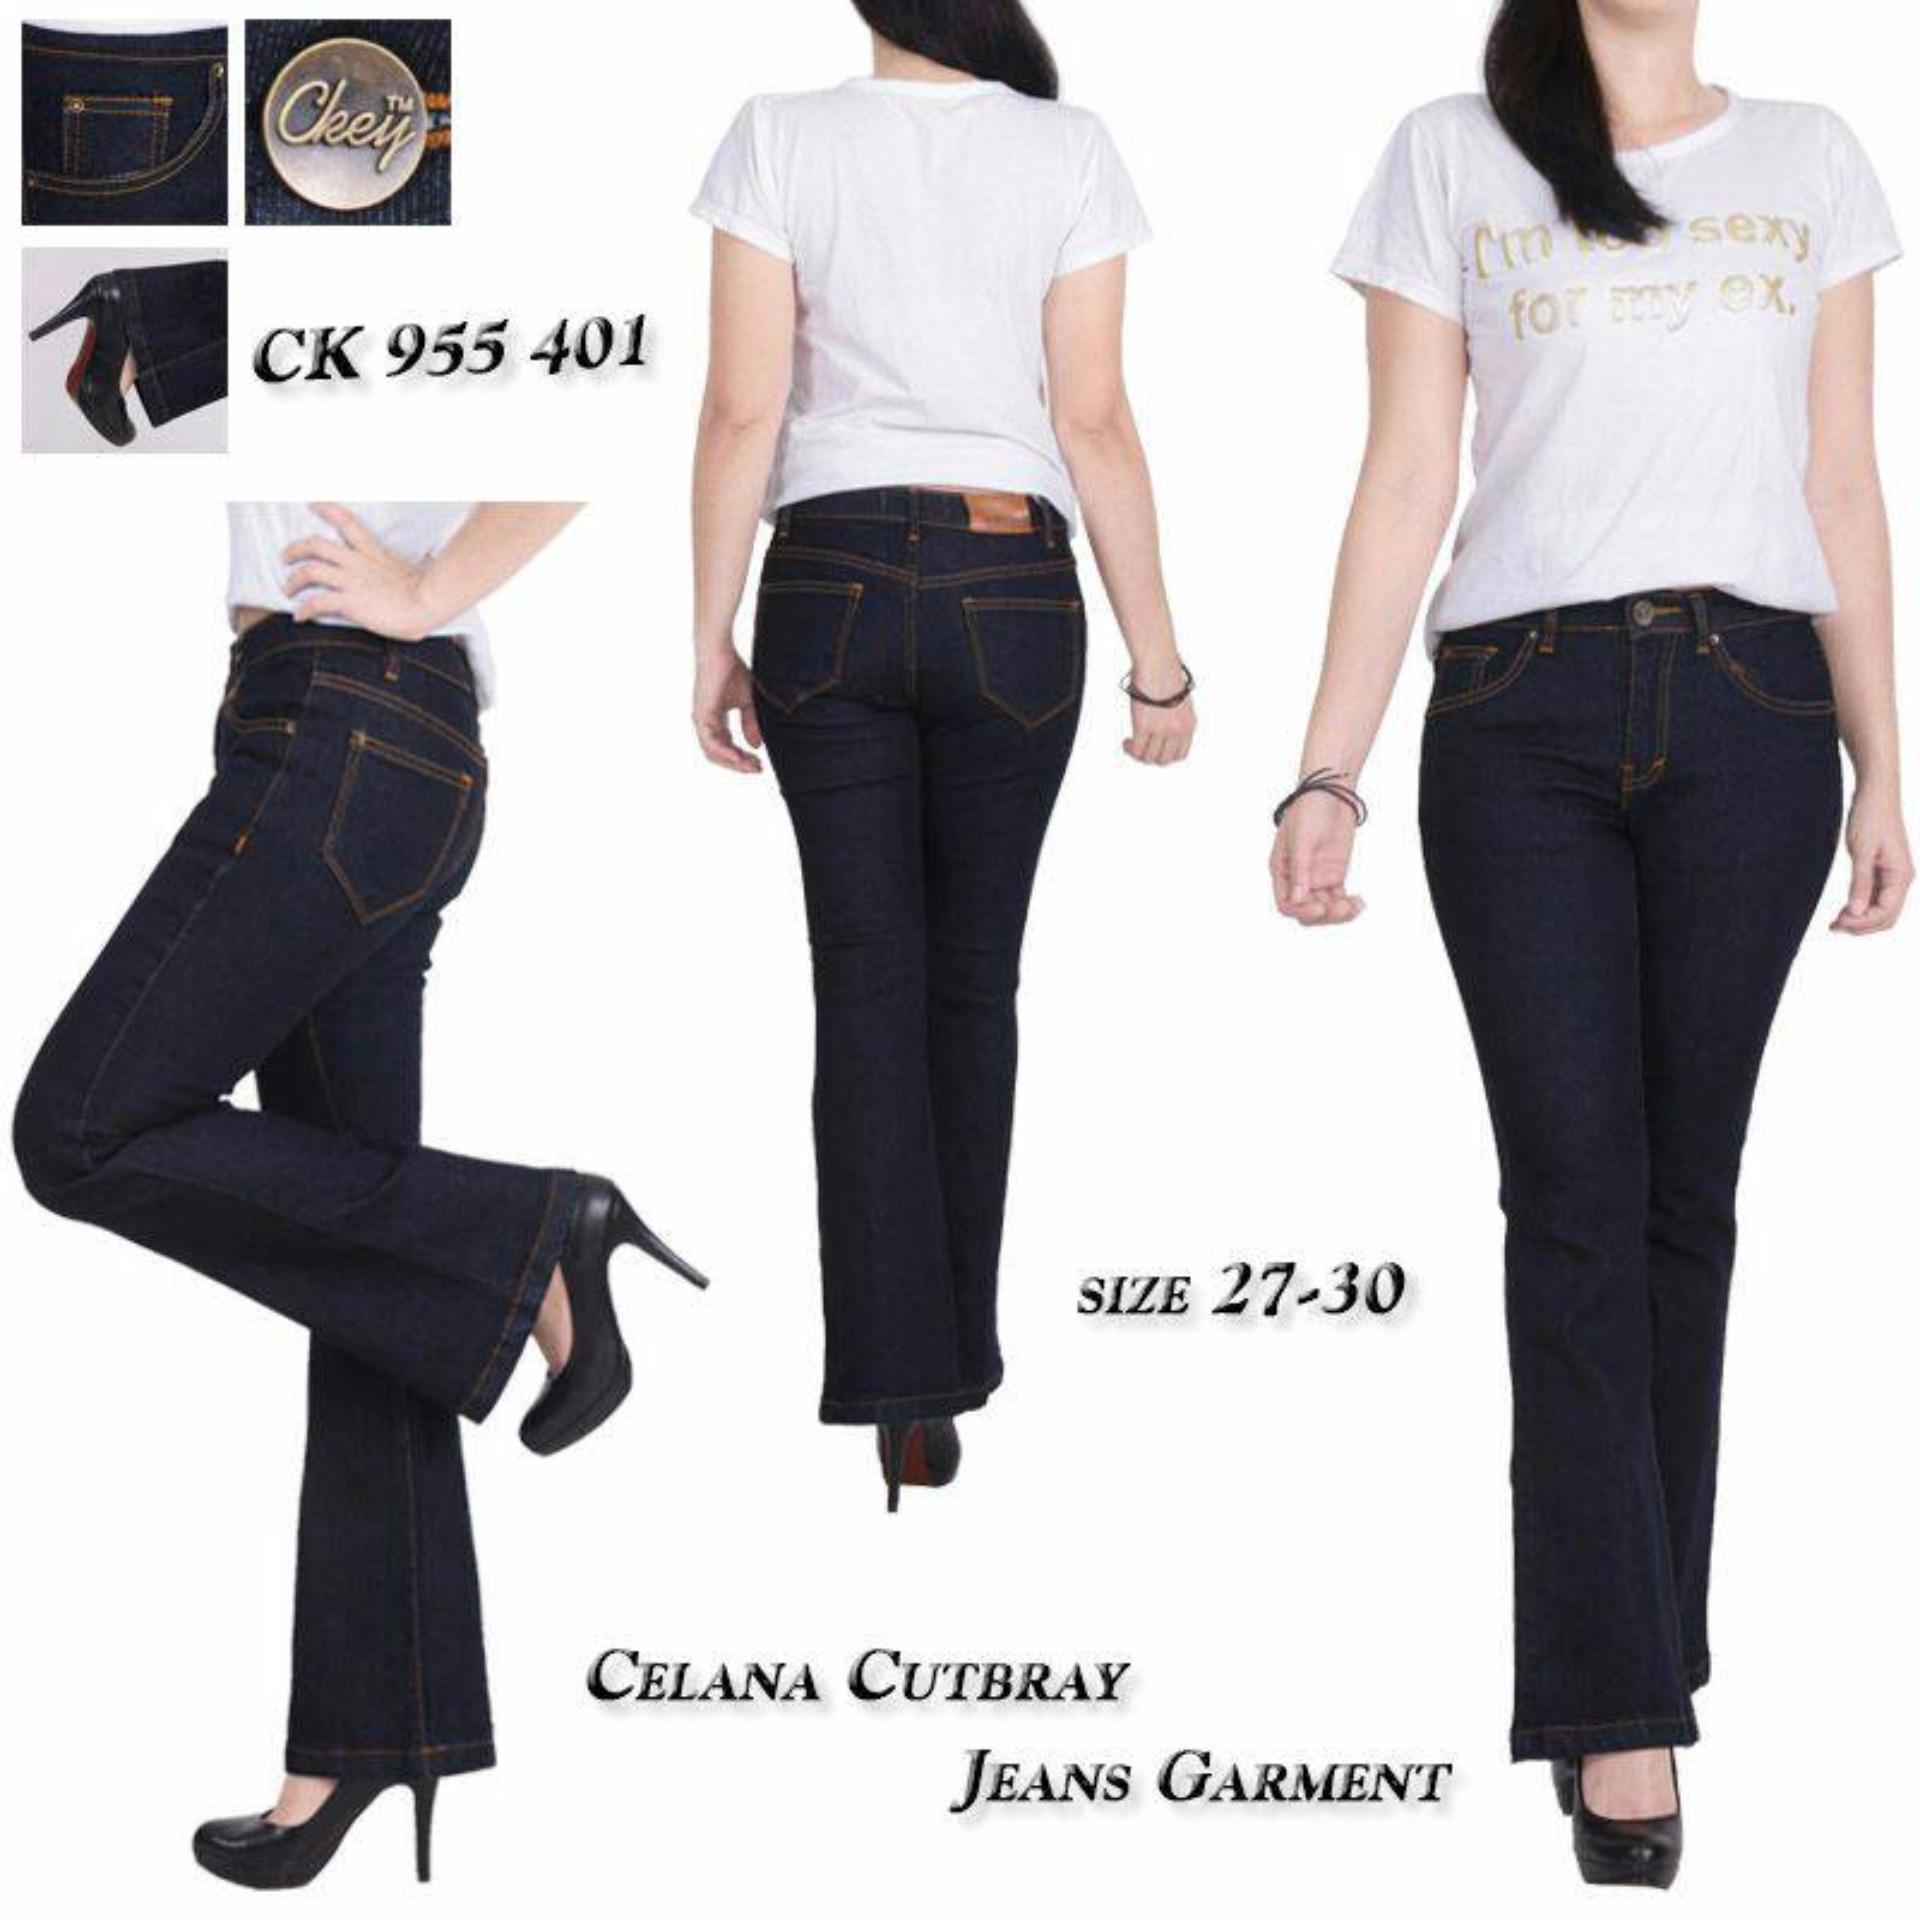 Celana Jeans JUMBO Cutbray - 2 ...